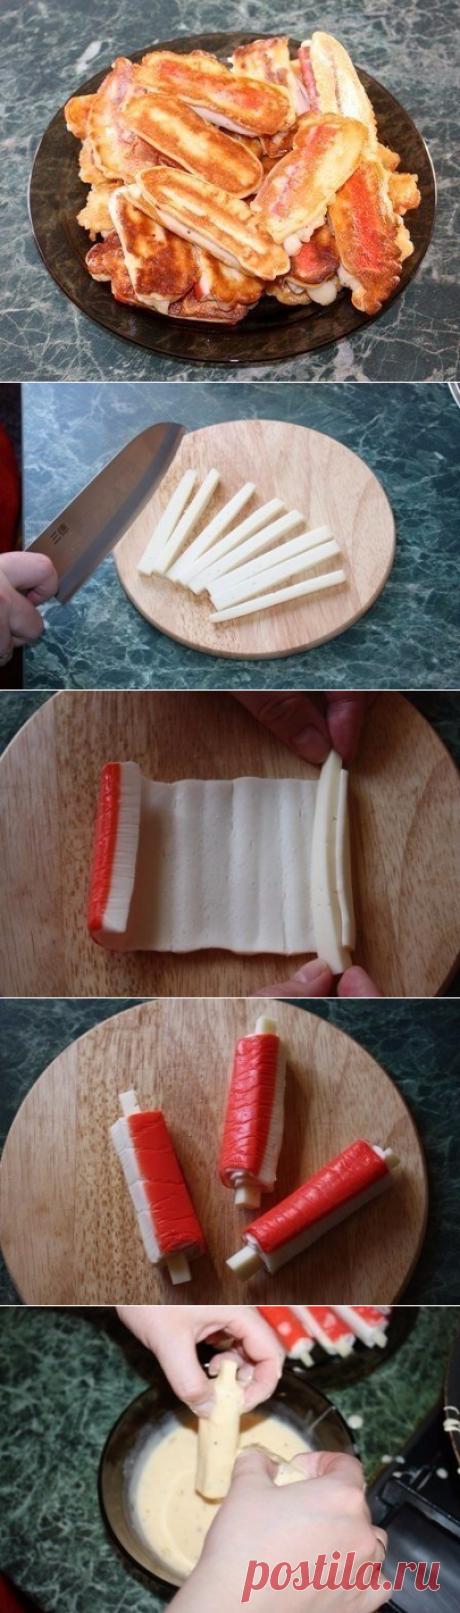 Las varitas de centolla en el rebozo con el queso